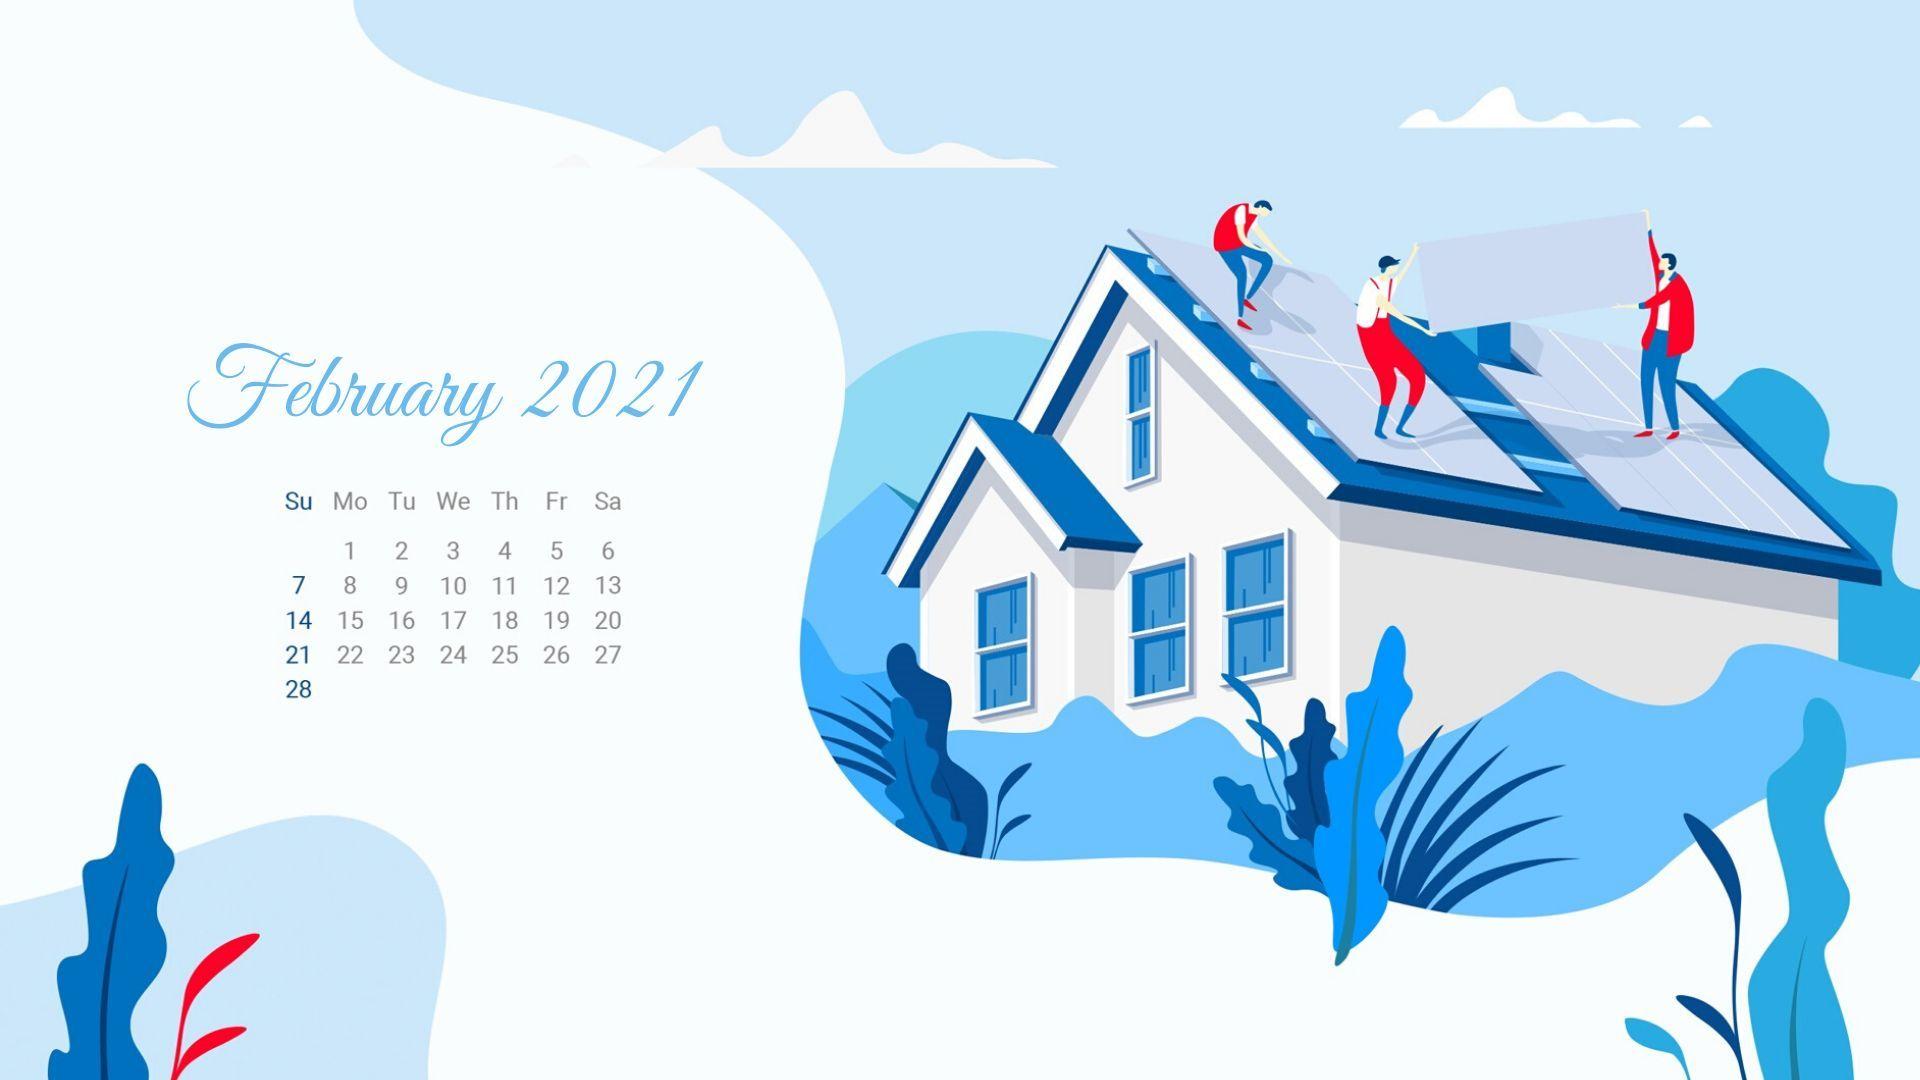 February 2021 Calendar Wallpaper Calendar wallpaper